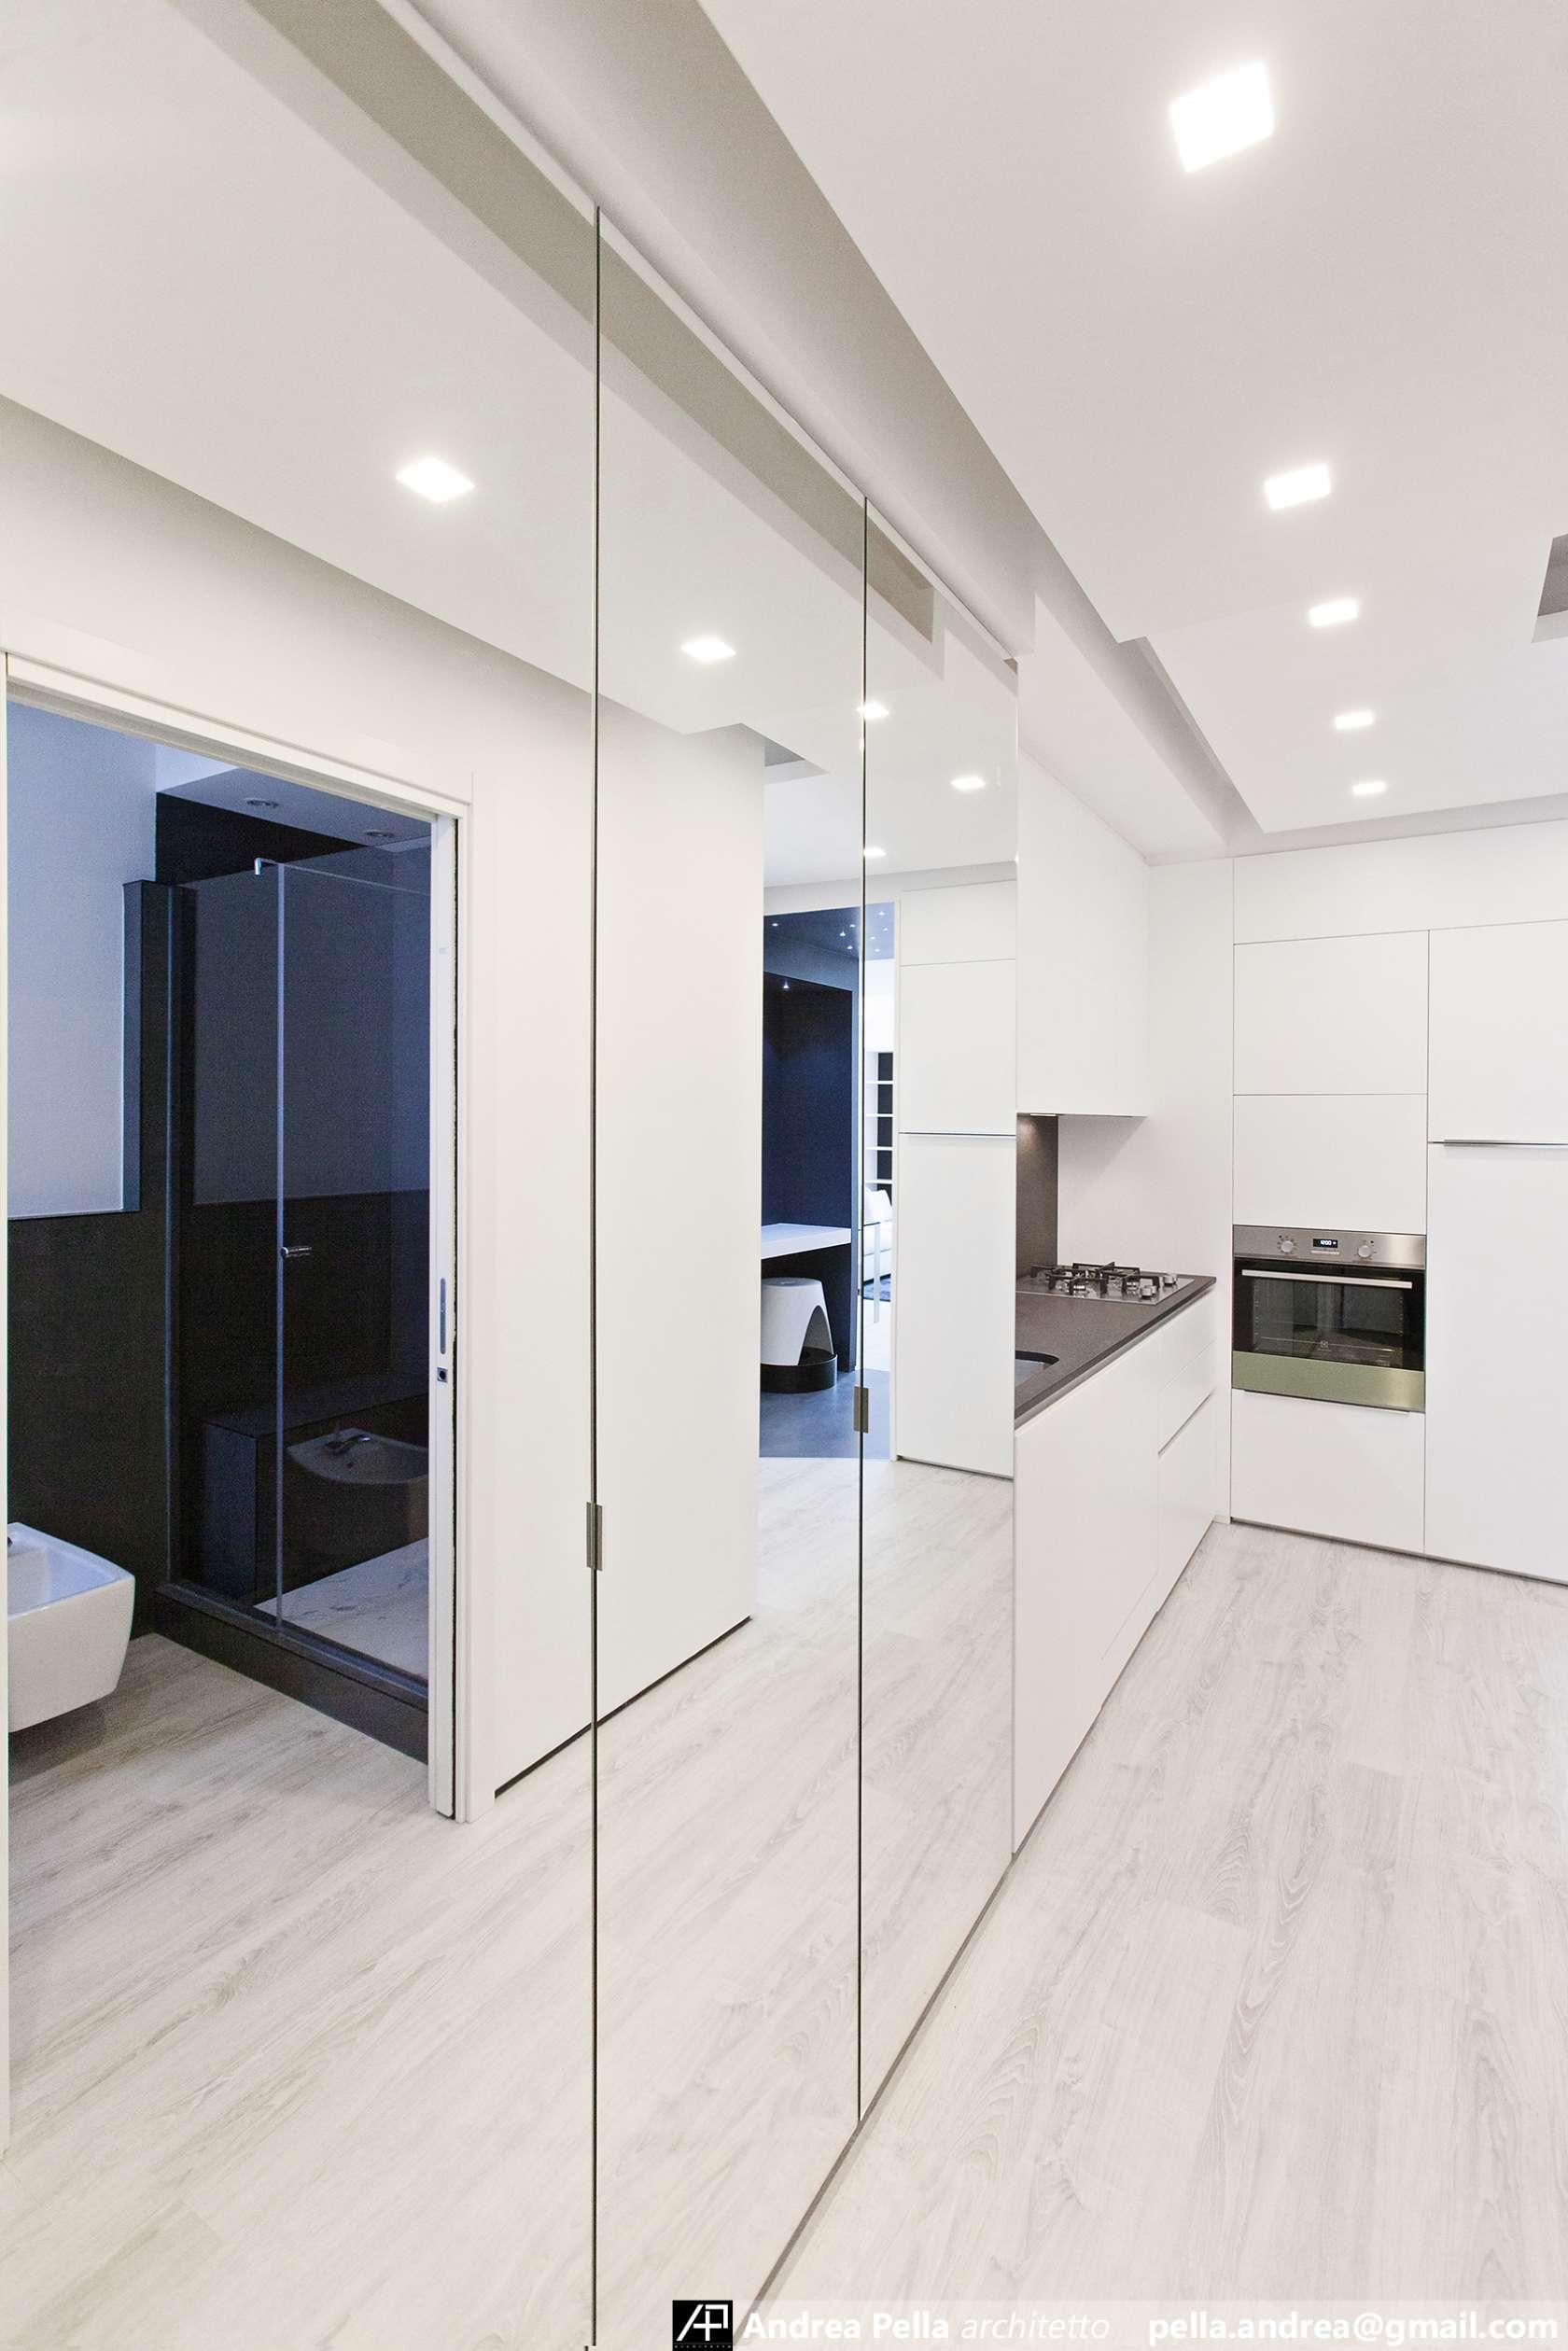 малък апартамент в минималистичен стил - 17